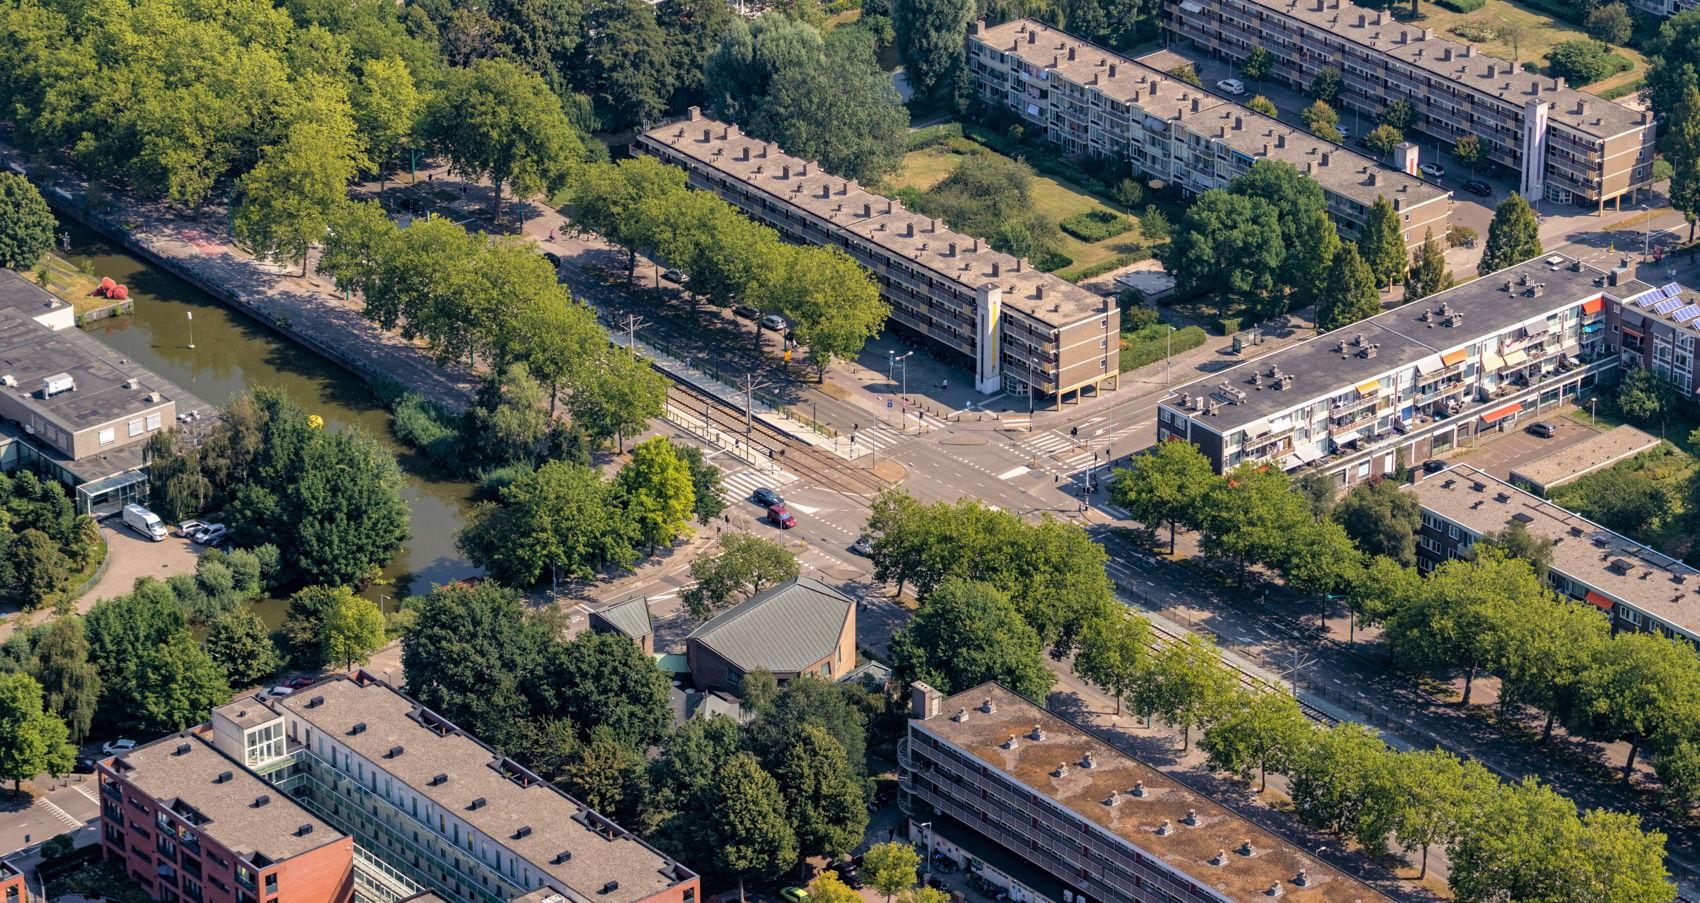 De nieuwe halte A.J. Ernststraat in Amsterdam. Deze halte vervangt de haltes De Boelelaan/ VU en (oude halte) A.J. Ernststraat.